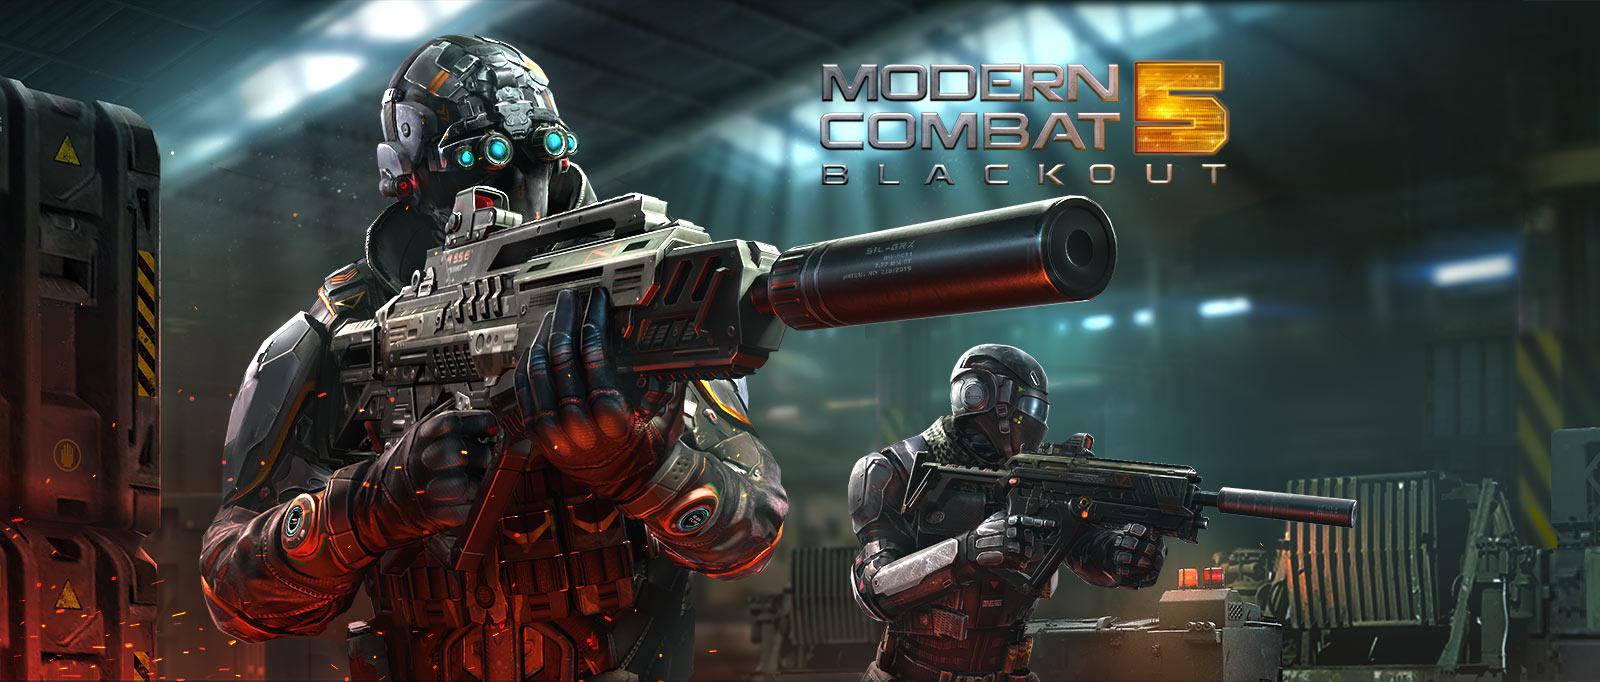 descargar aimbot modern combat 5 pc